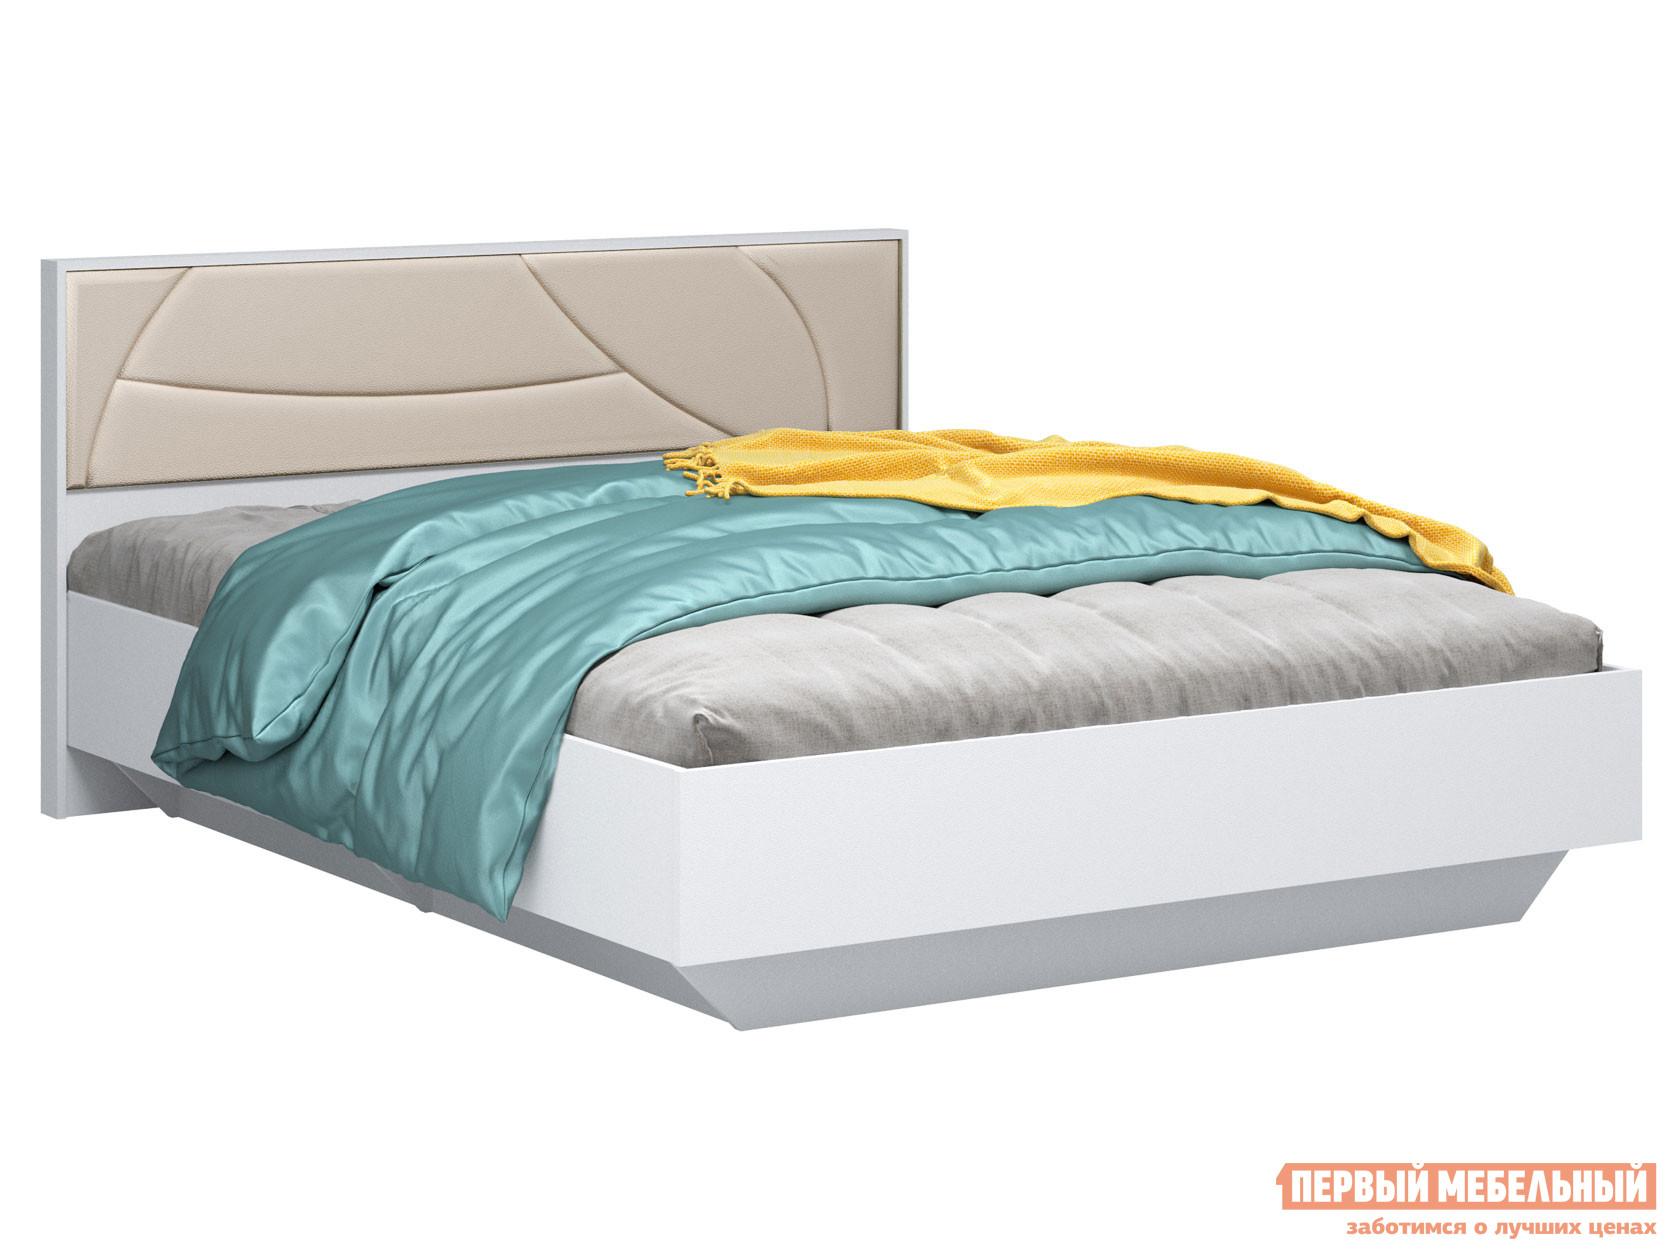 Односпальная кровать  Мирти Люкс Белый шагрень / Ваниль, экокожа, С анатомическим основанием